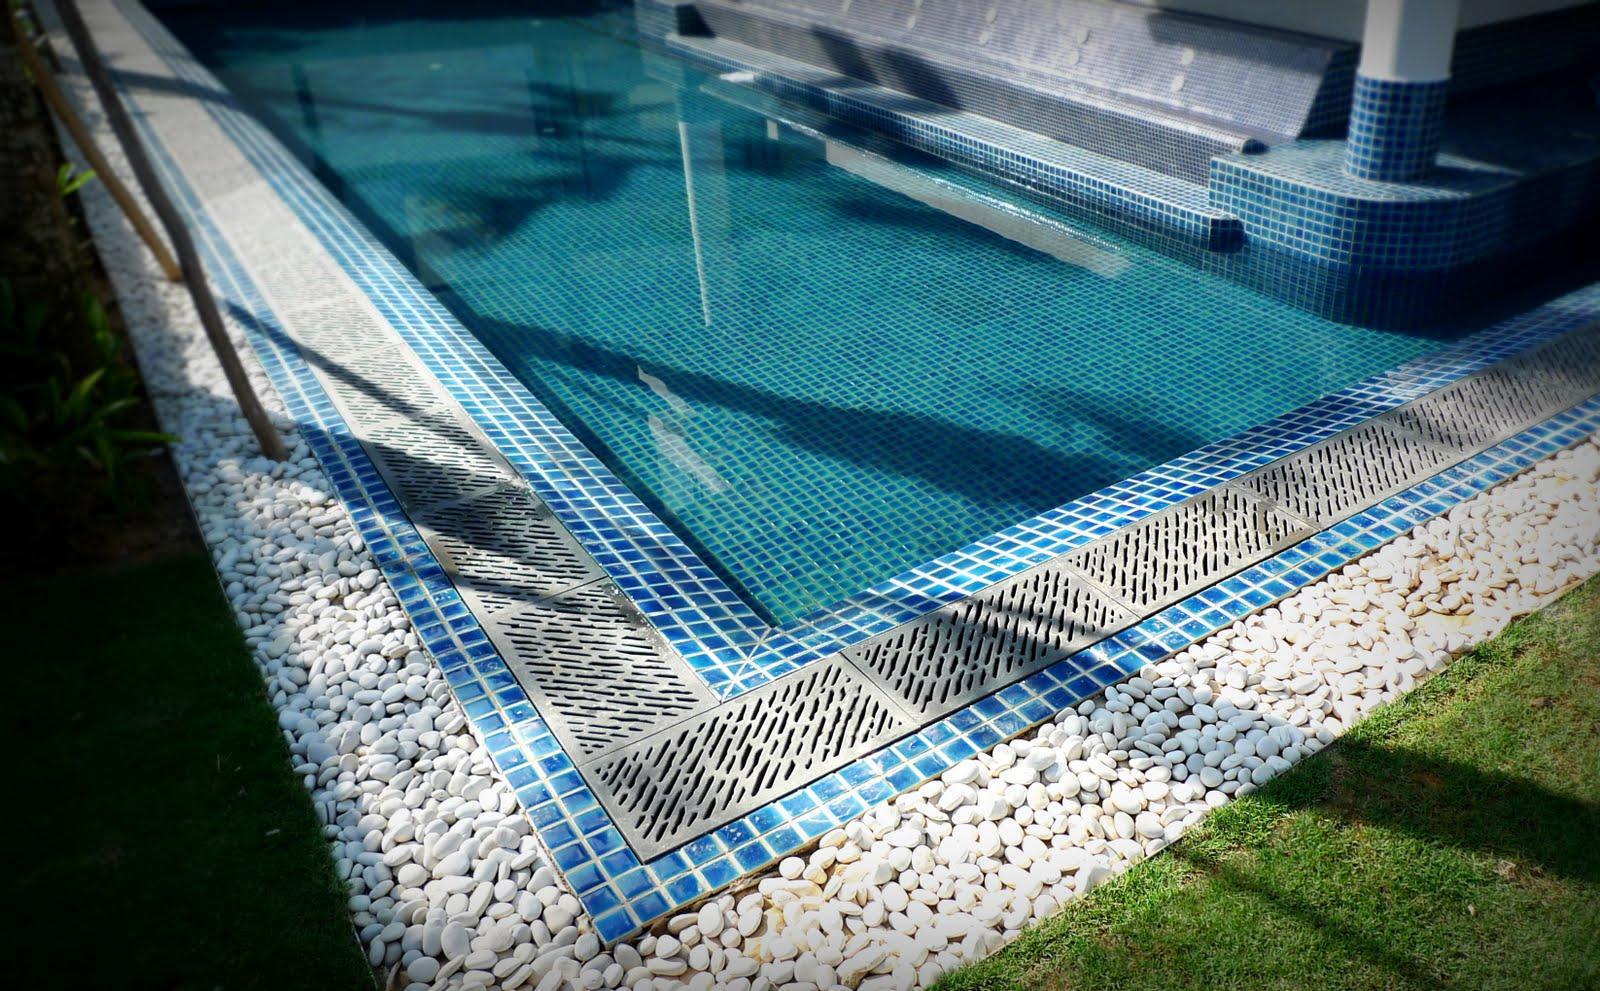 Piscina design amplasarea si importanta piscinei in gradina for Amenajari piscine